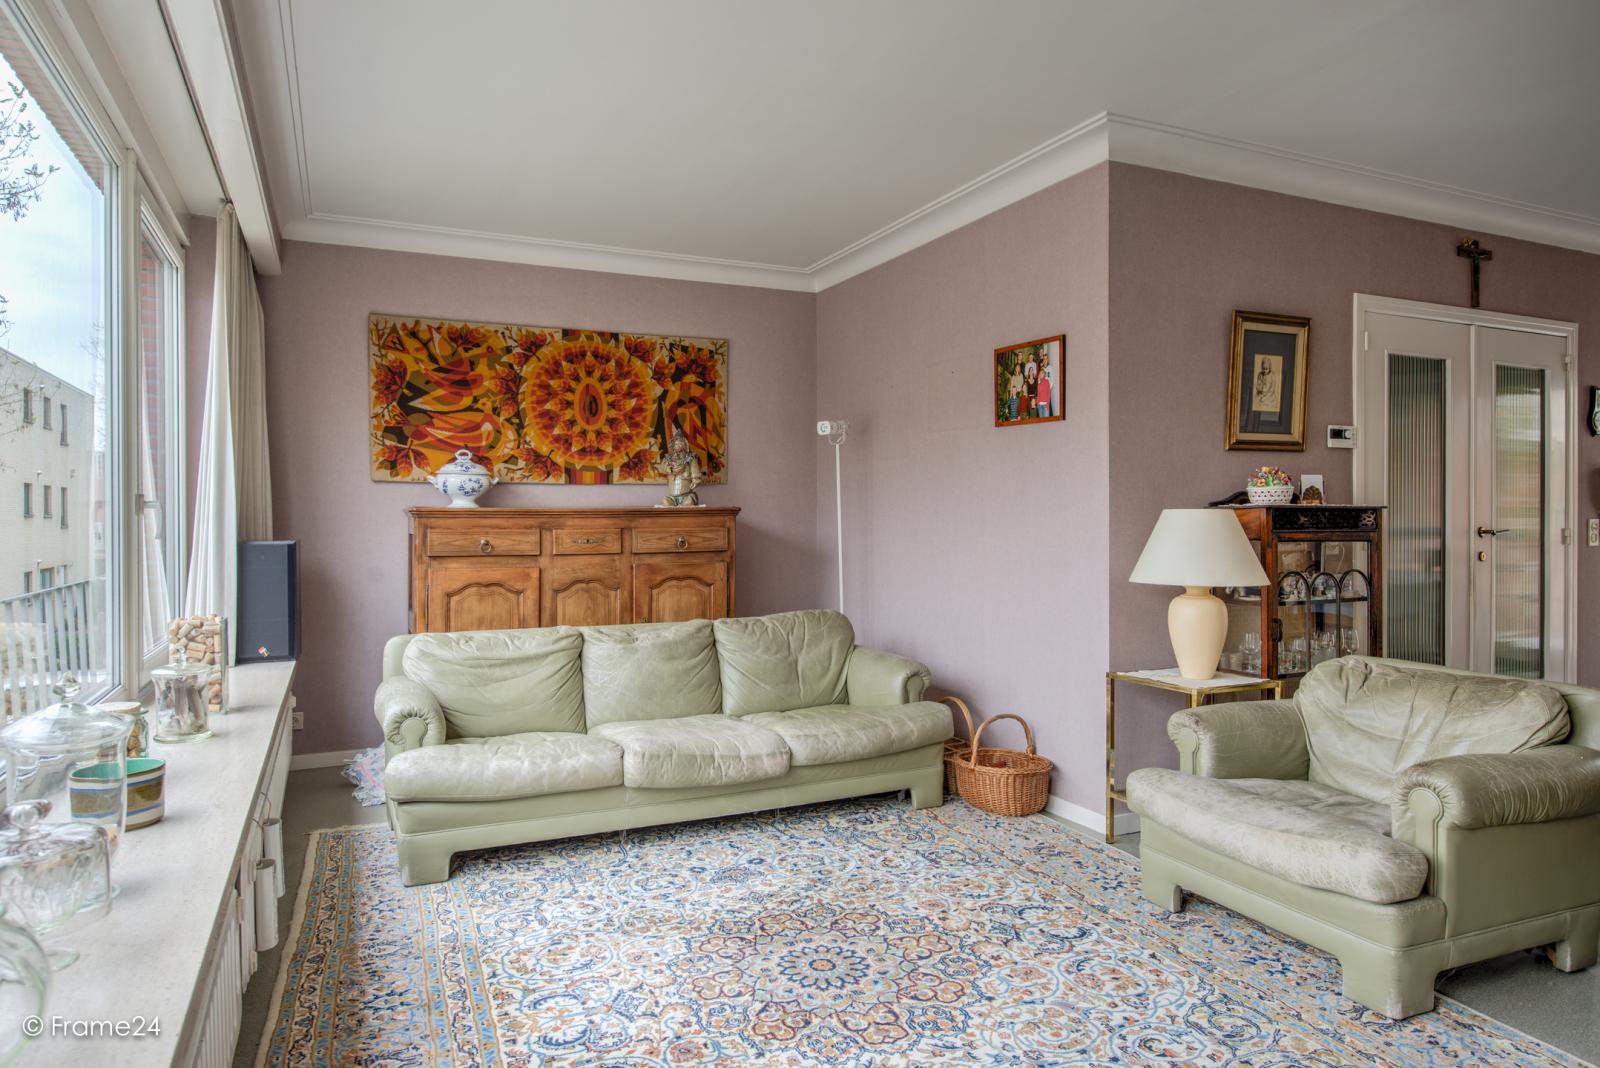 Zeer verzorgde bel-étagewoning met drie slaapkamers op toplocatie te Wijnegem! afbeelding 4